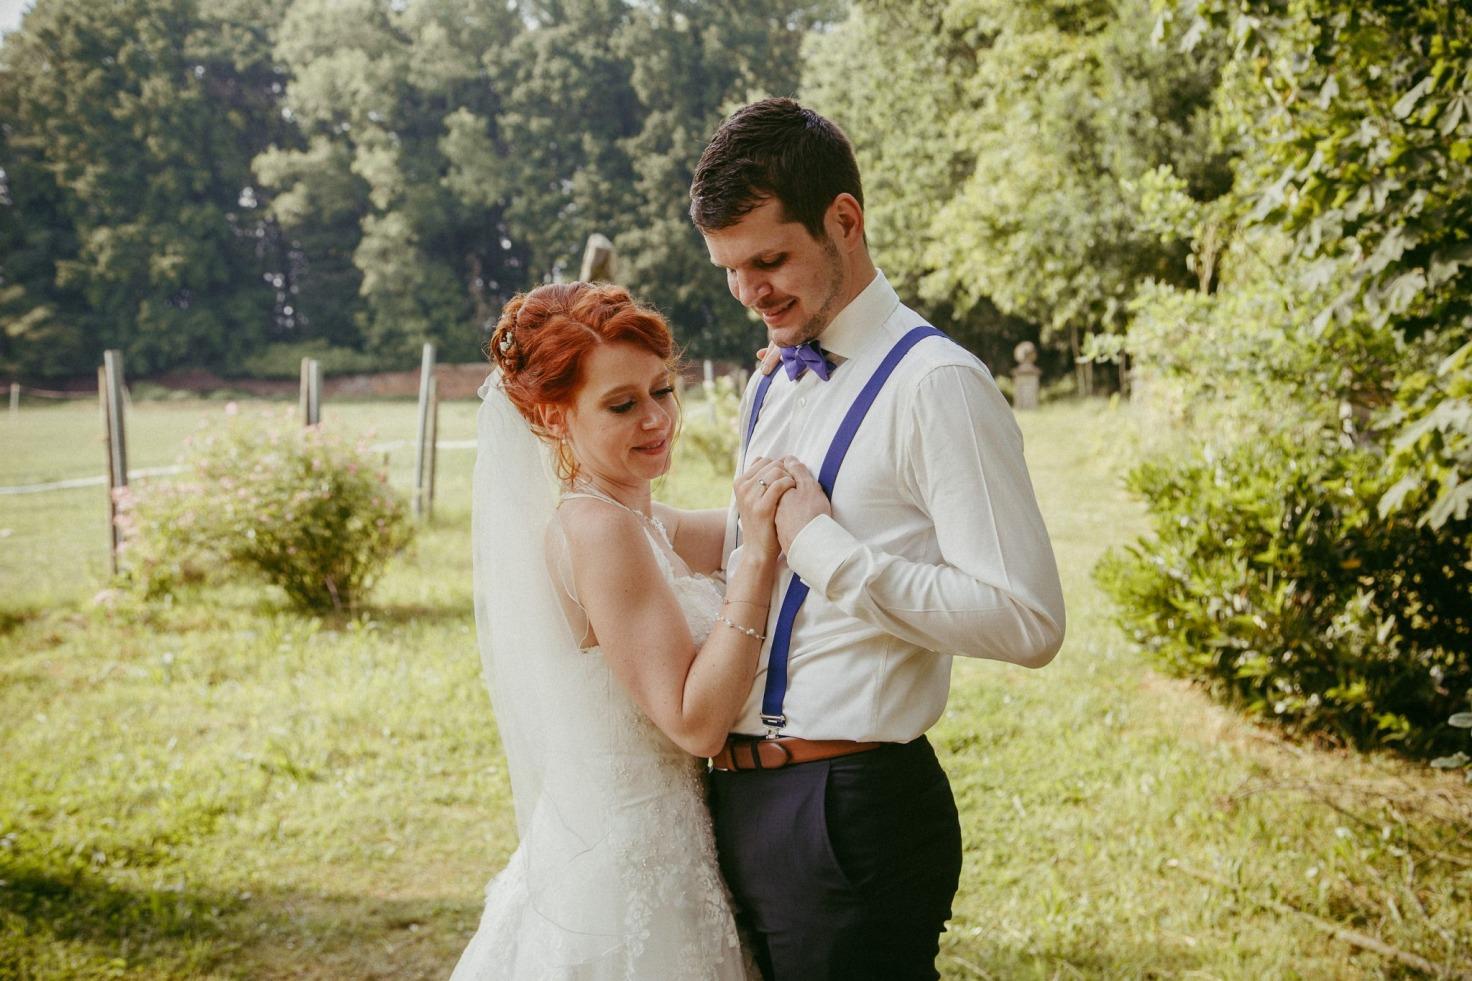 Hochzeit von Tine und Basti in Münster: Braut kuschelt sich an den Ehemann